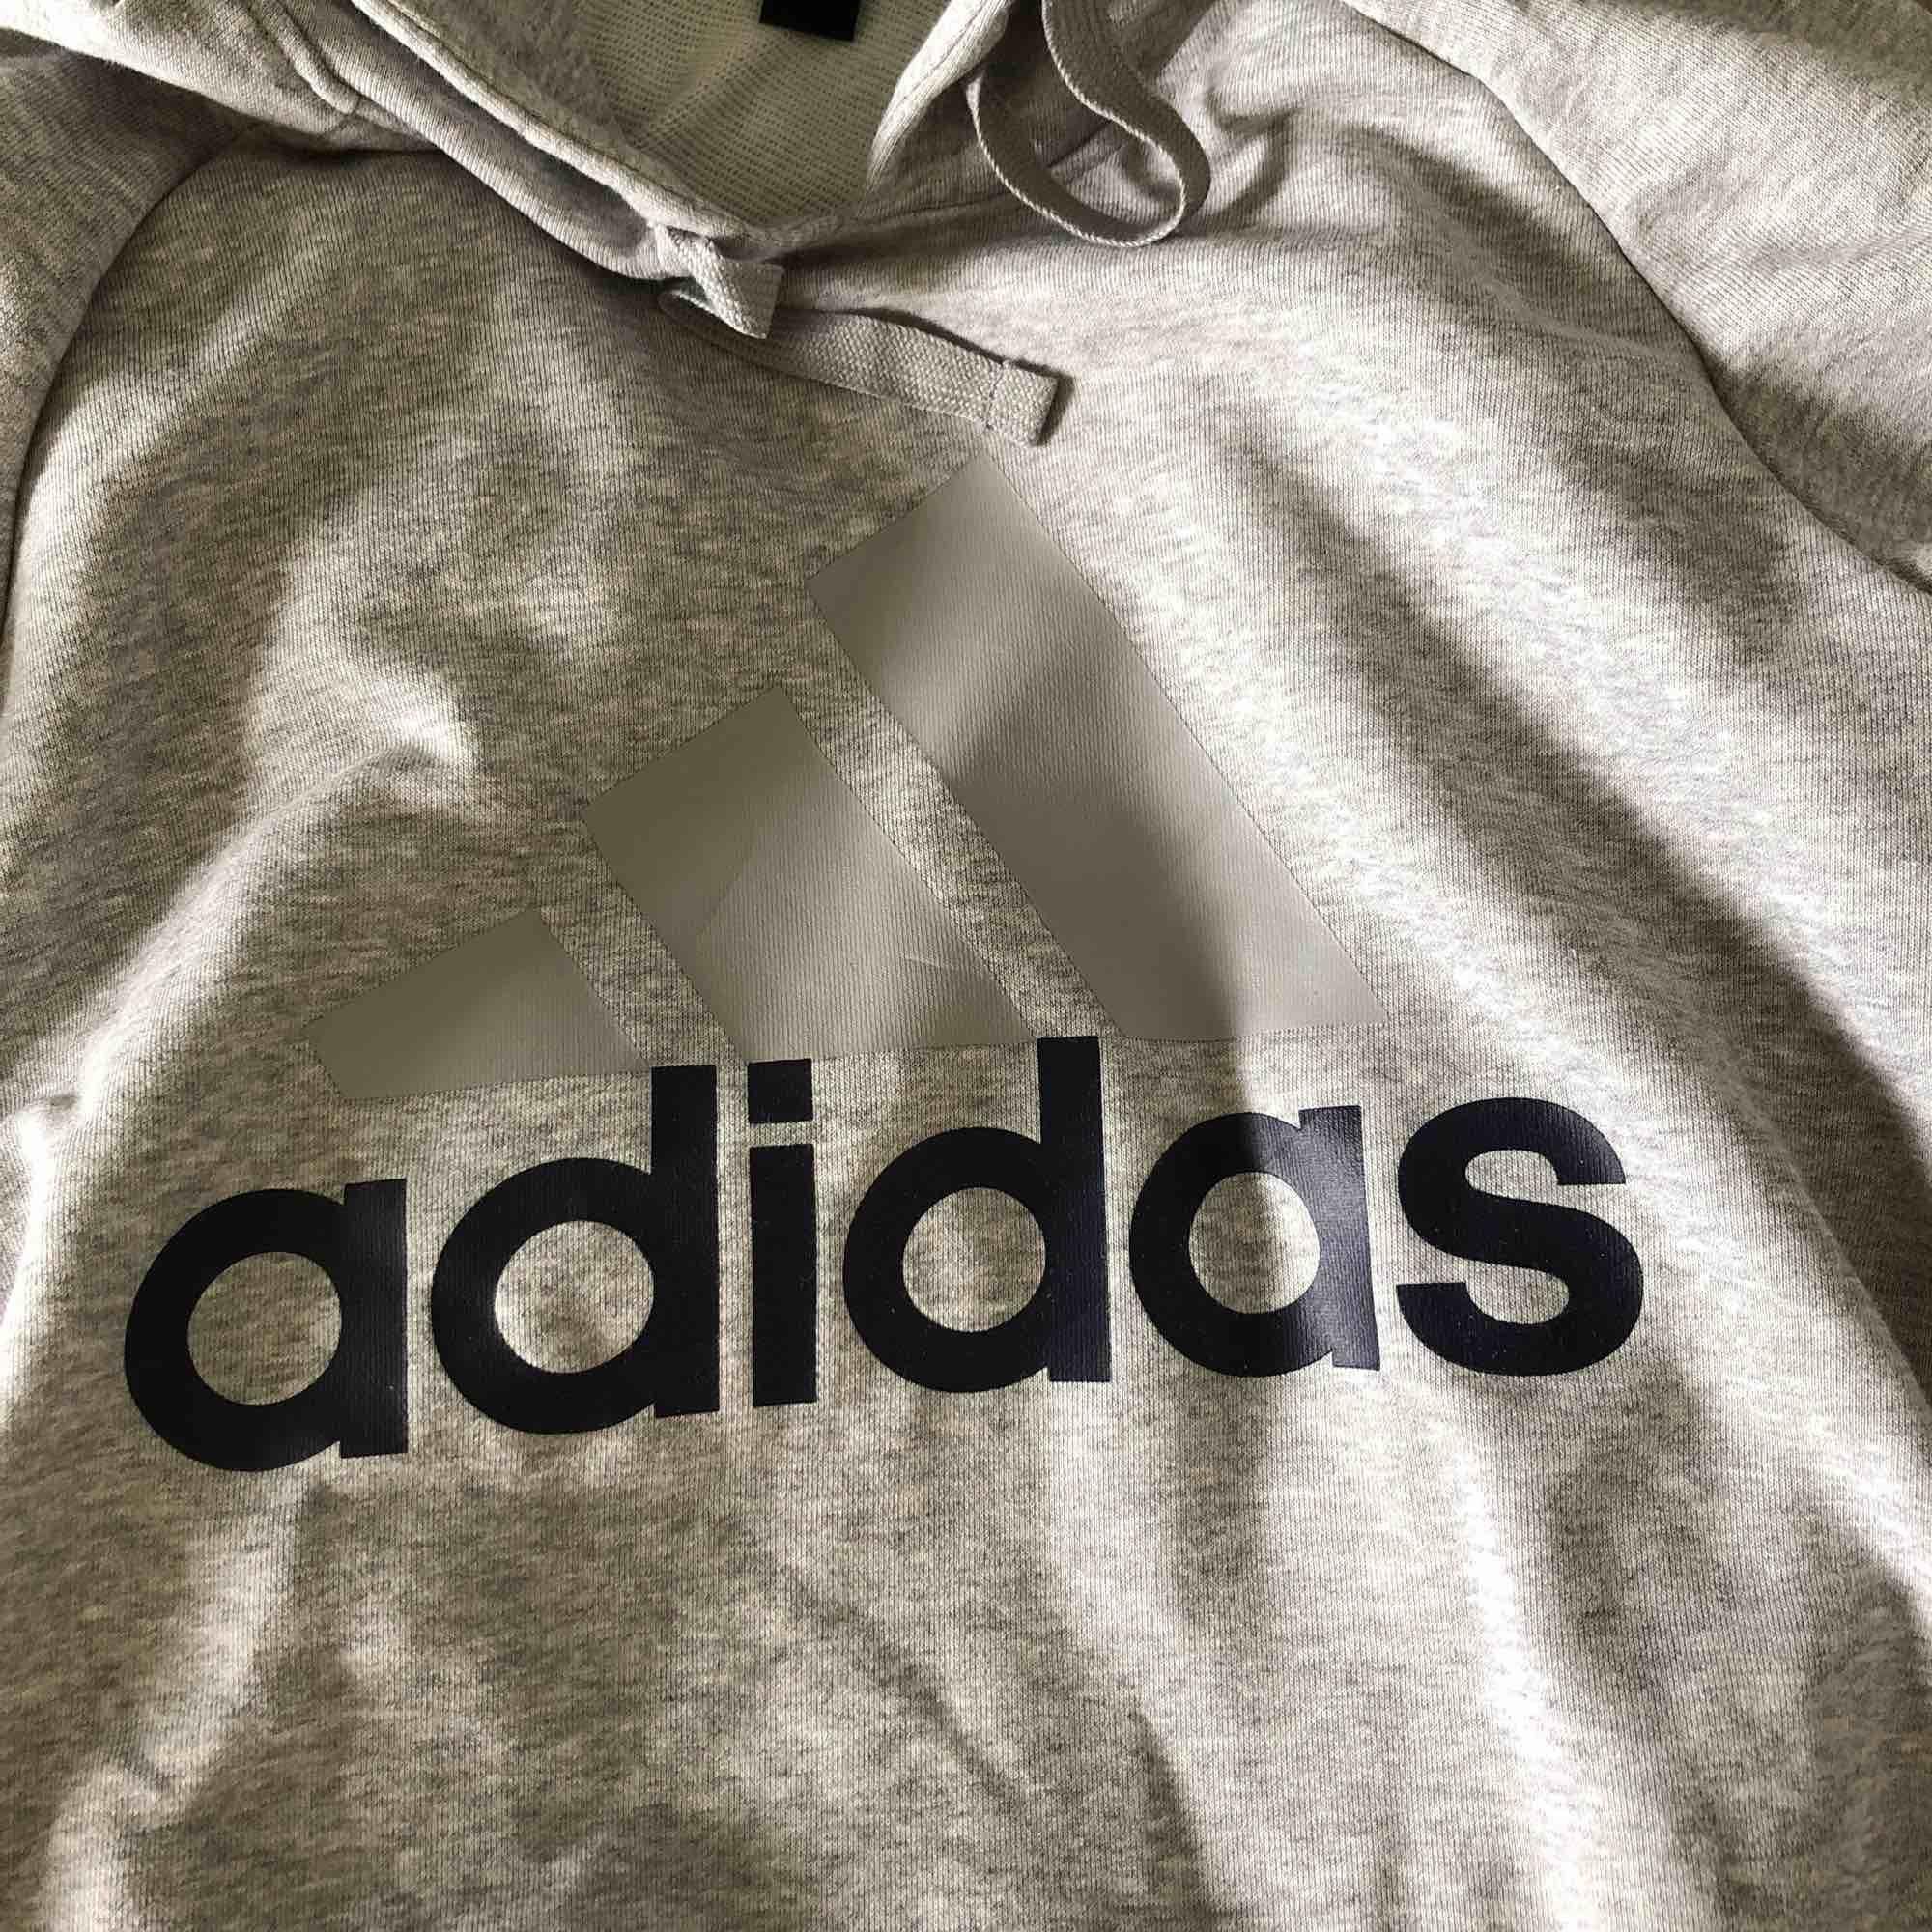 Supersnygg Adidas hoodie i nyskick som tyvärr används alldeles för lite! Storlek S men passar Xs-M beroende på hur man vill art den ska sitta. Köparen står för eventuell frakt. Huvtröjor & Träningströjor.